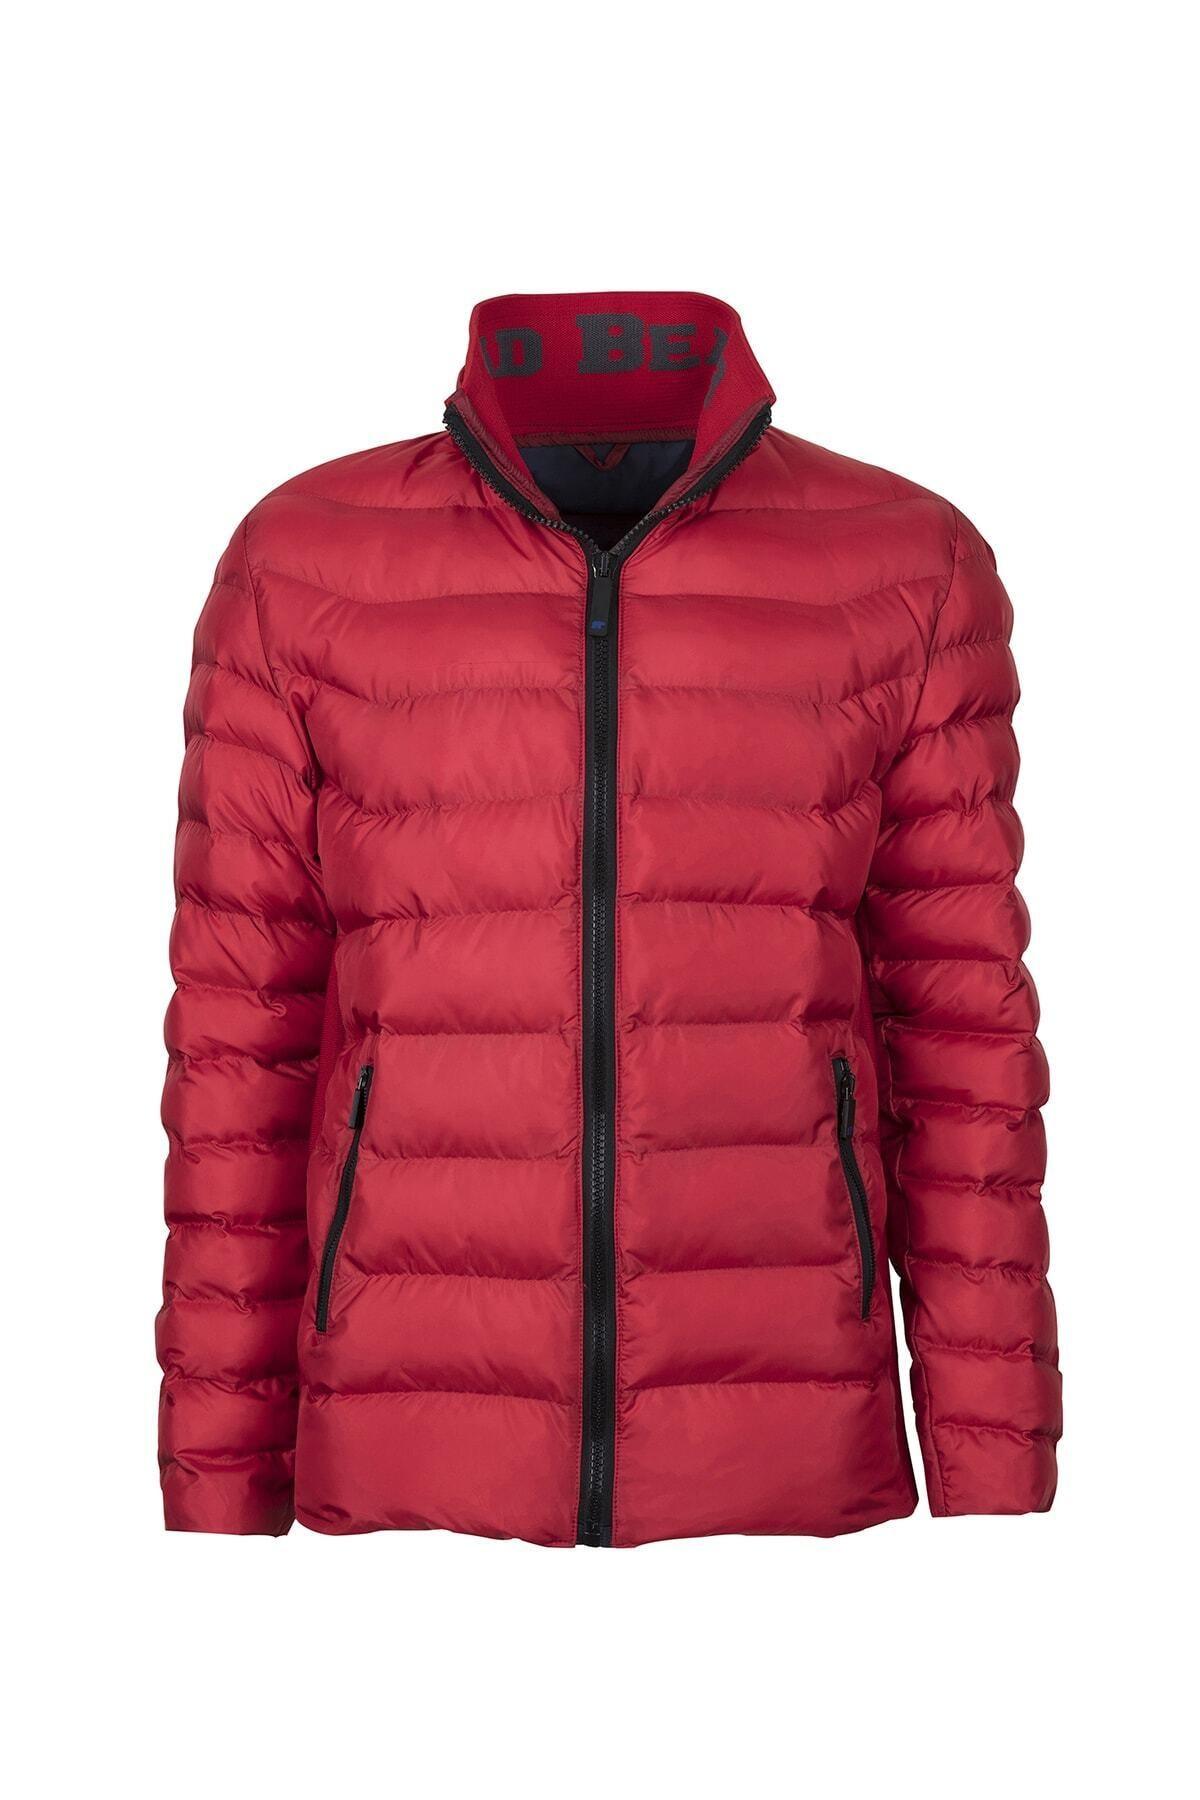 Bad Bear Erkek Kırmızı Mont 1